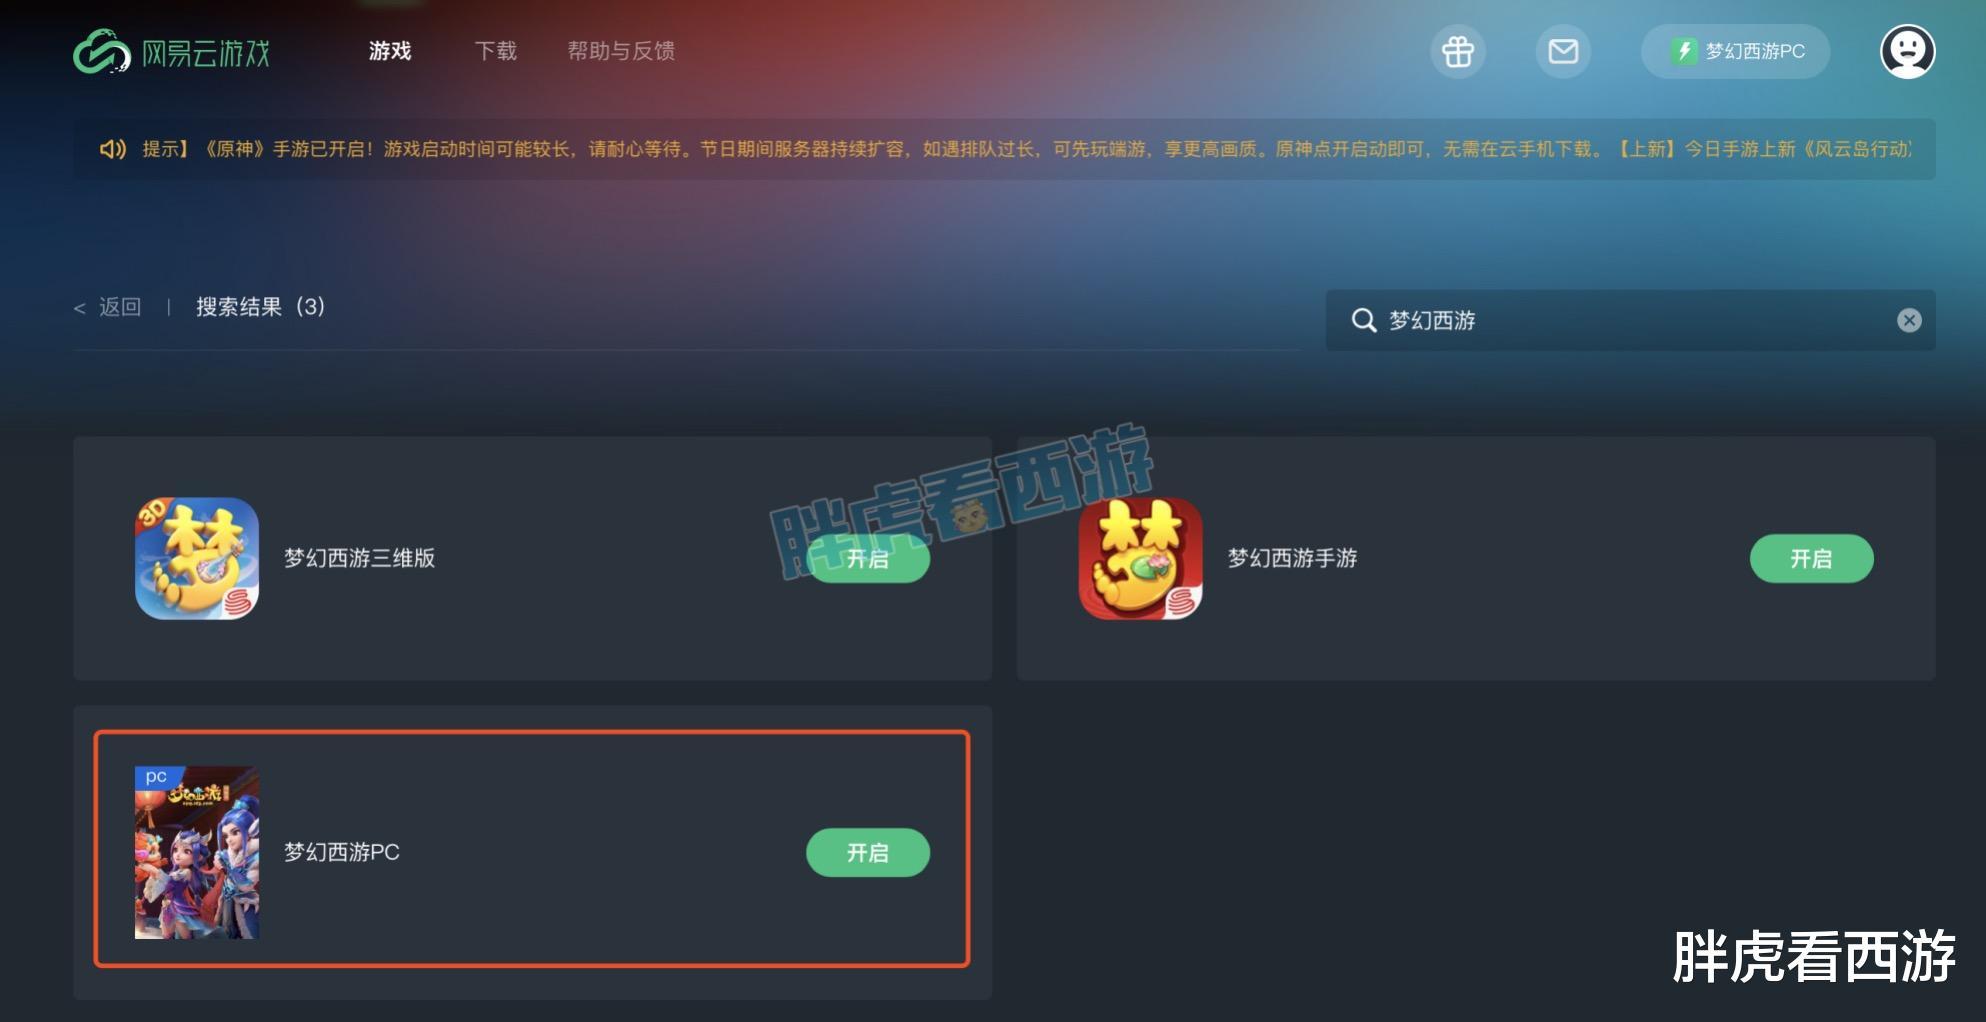 夢幻西遊:楊洋&老王將同臺打書,黑科技帶你用網頁玩夢幻-圖5